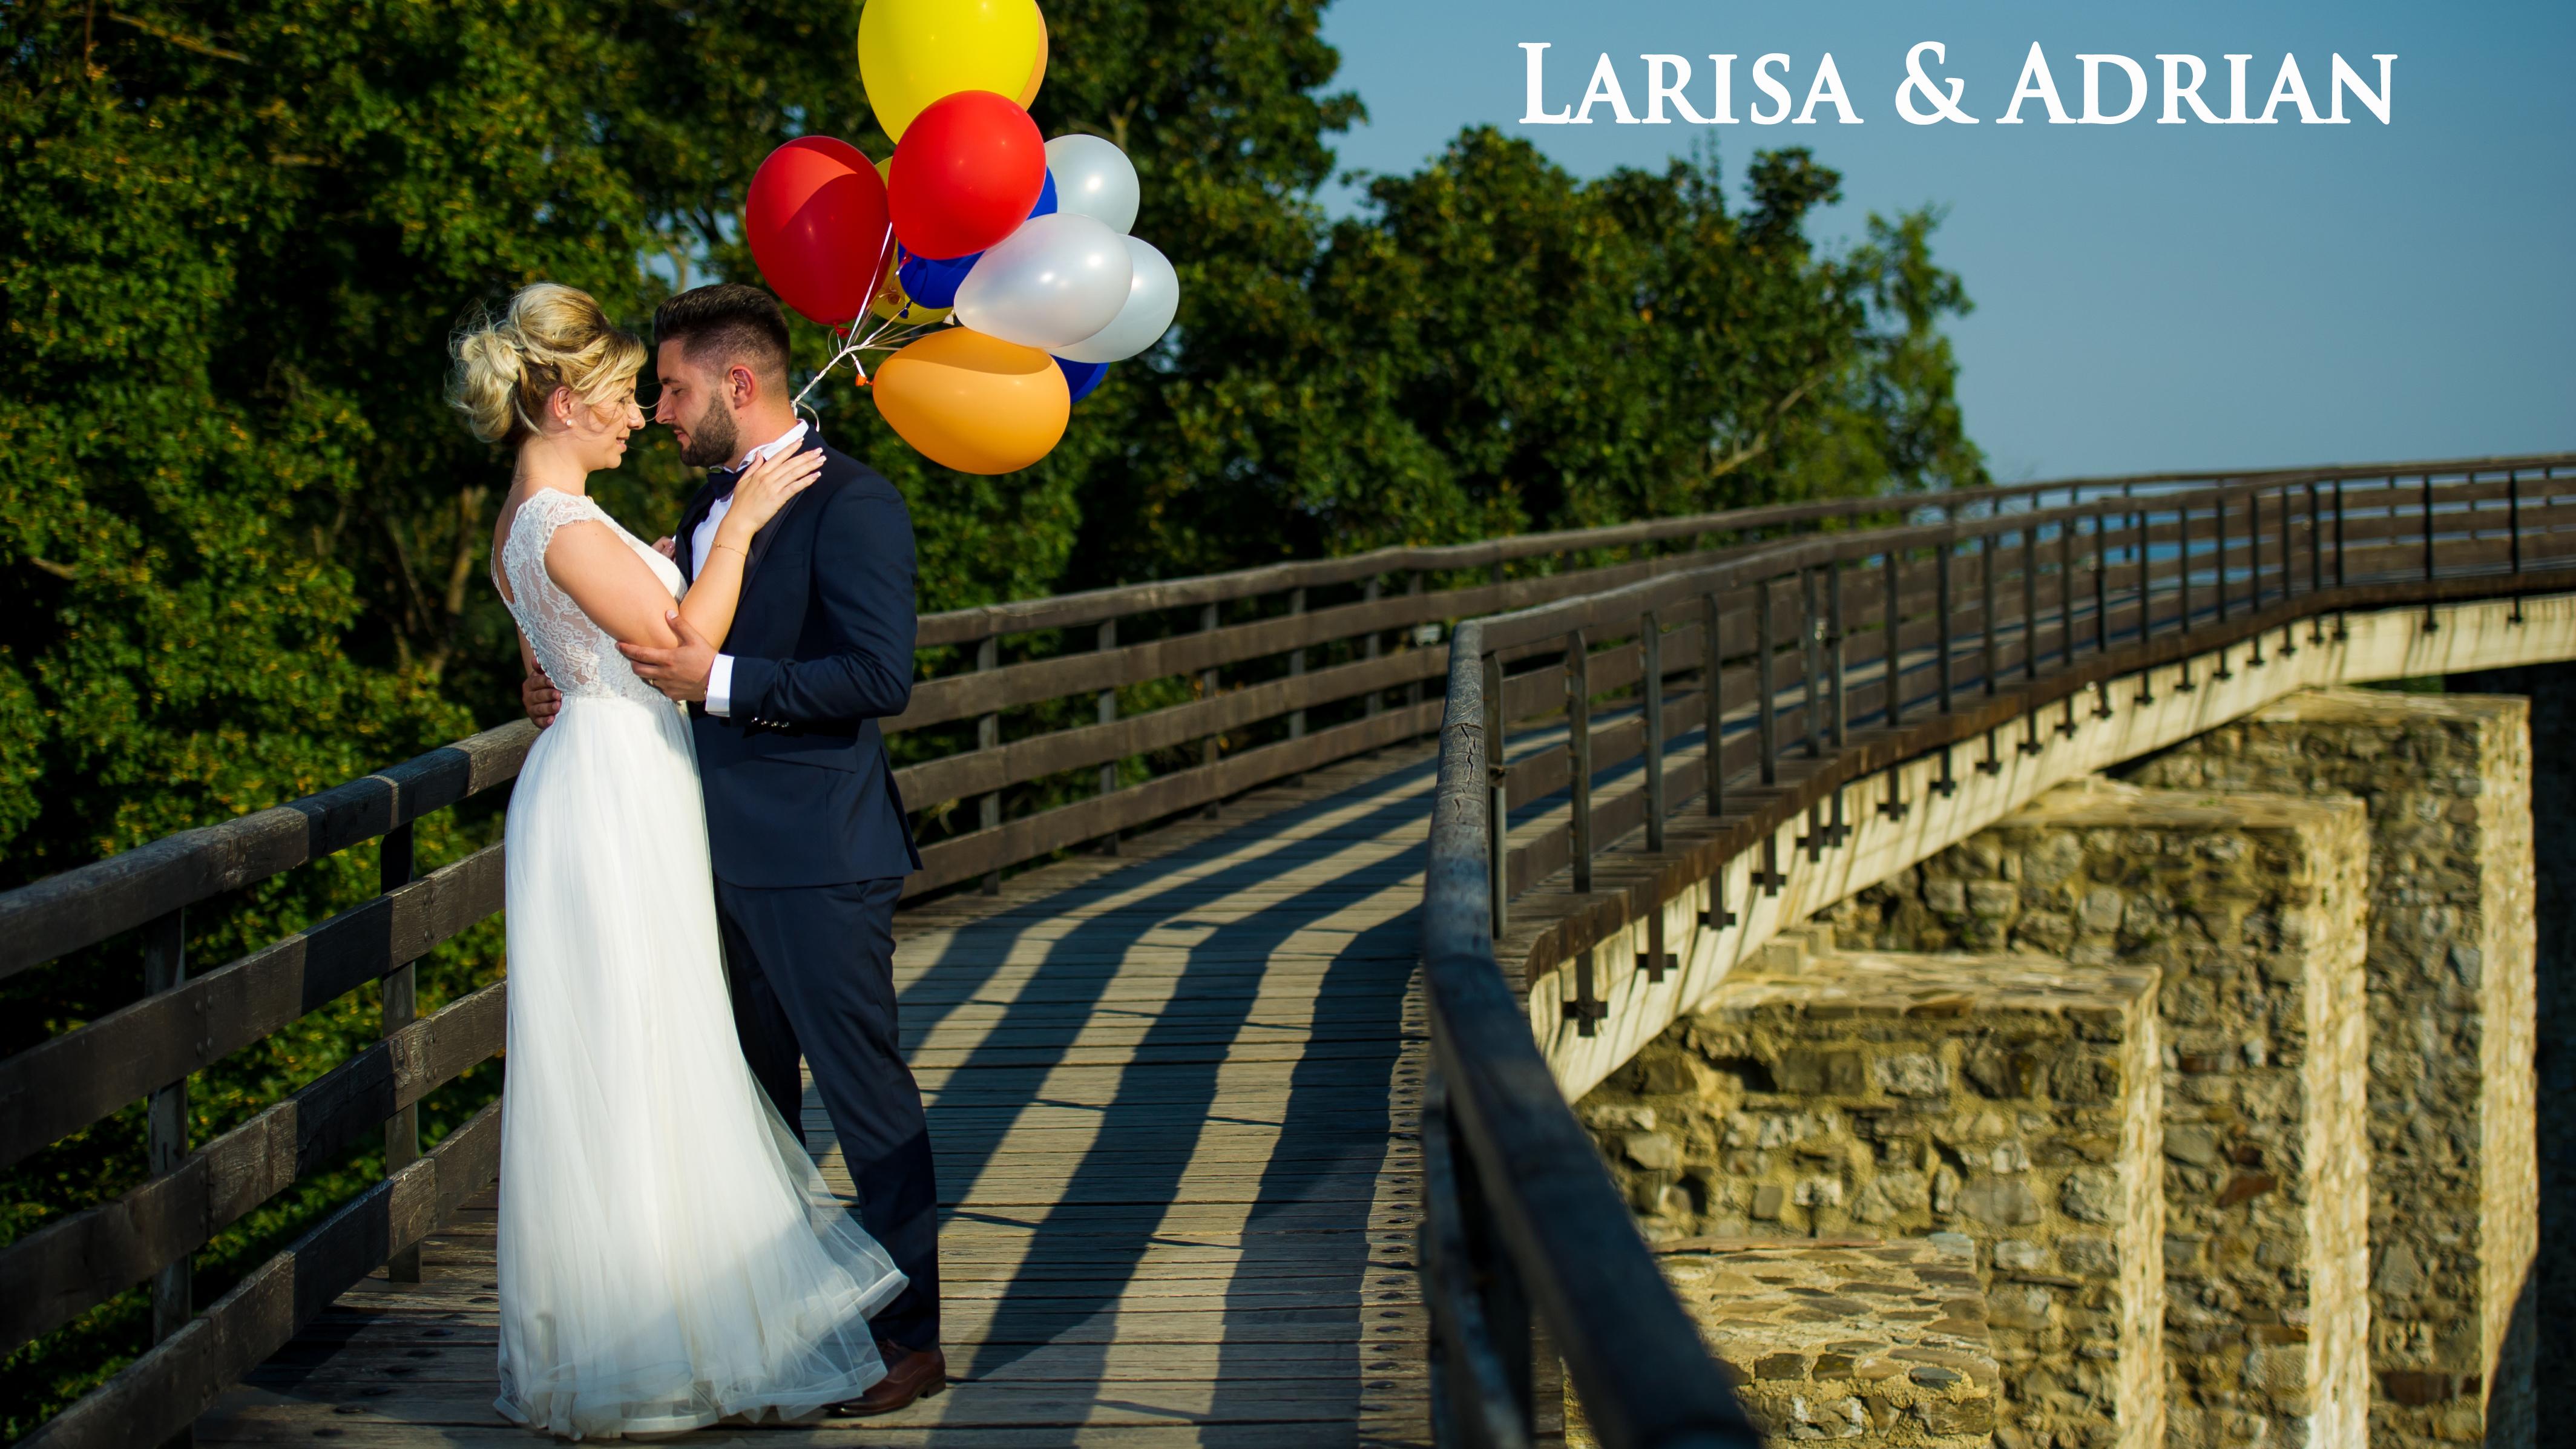 Larisa & Adrian